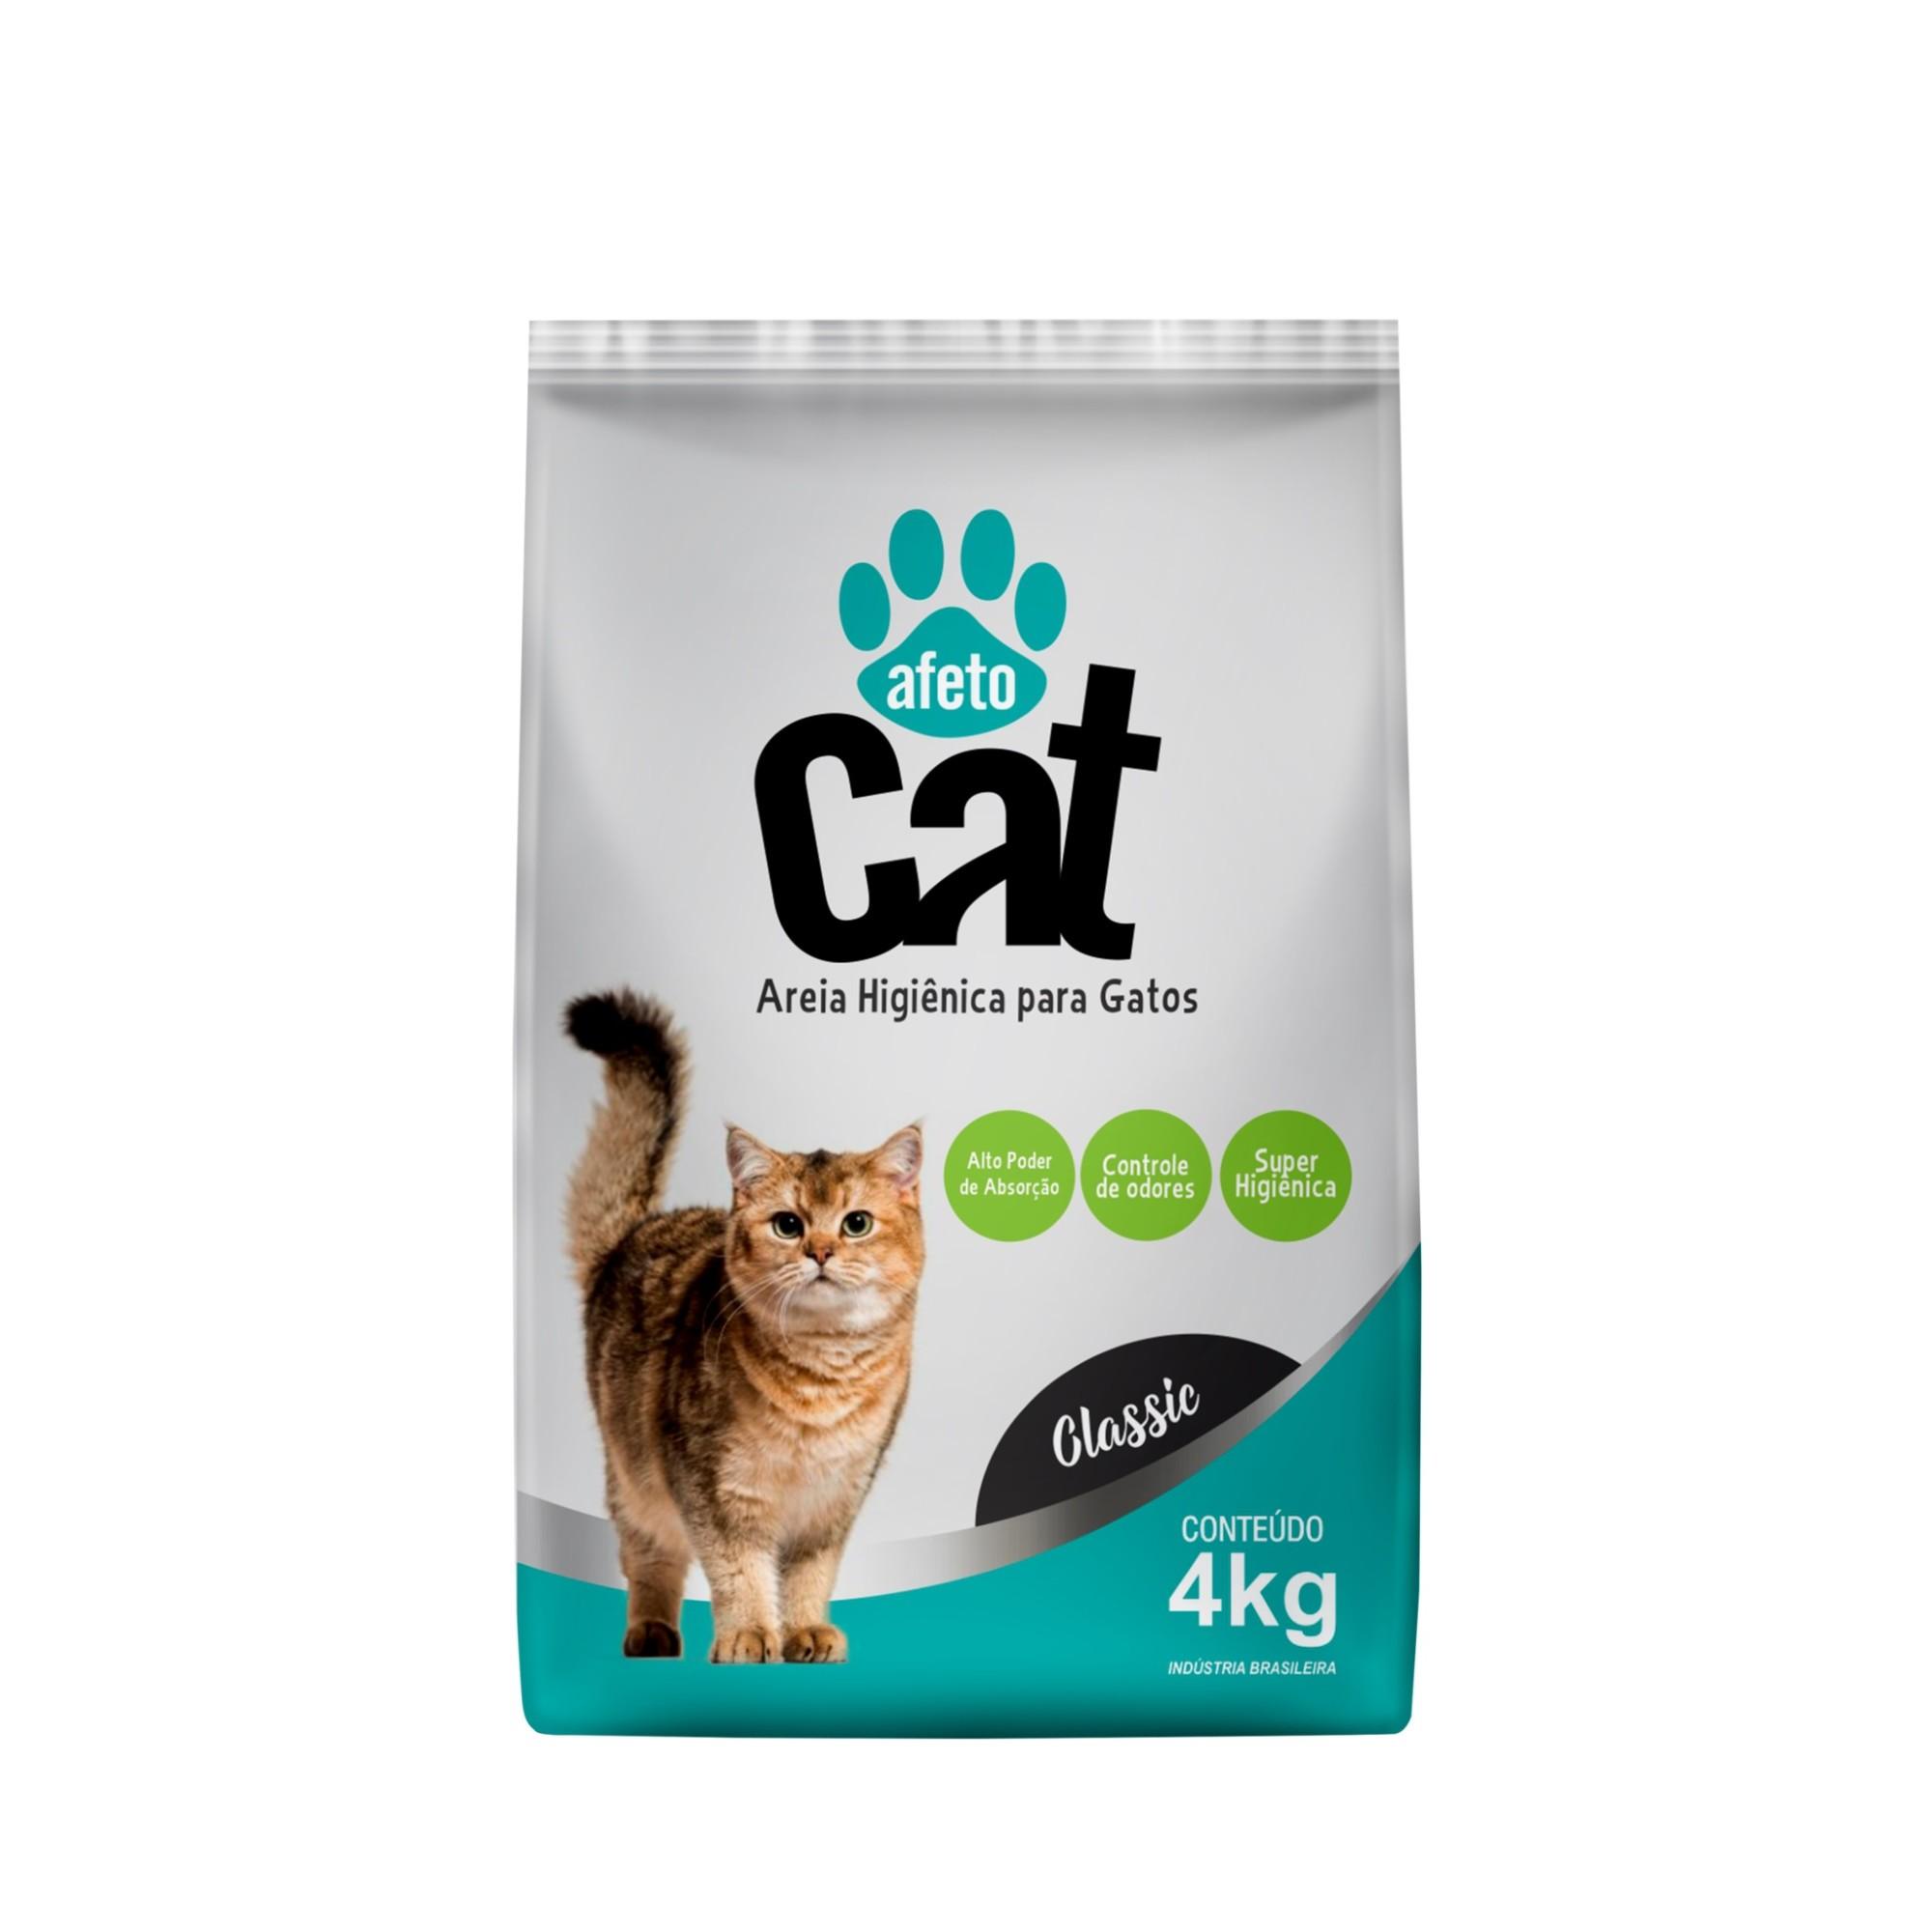 Areia Higienica para Gatos 4 Kg Classic - Afeto Dog